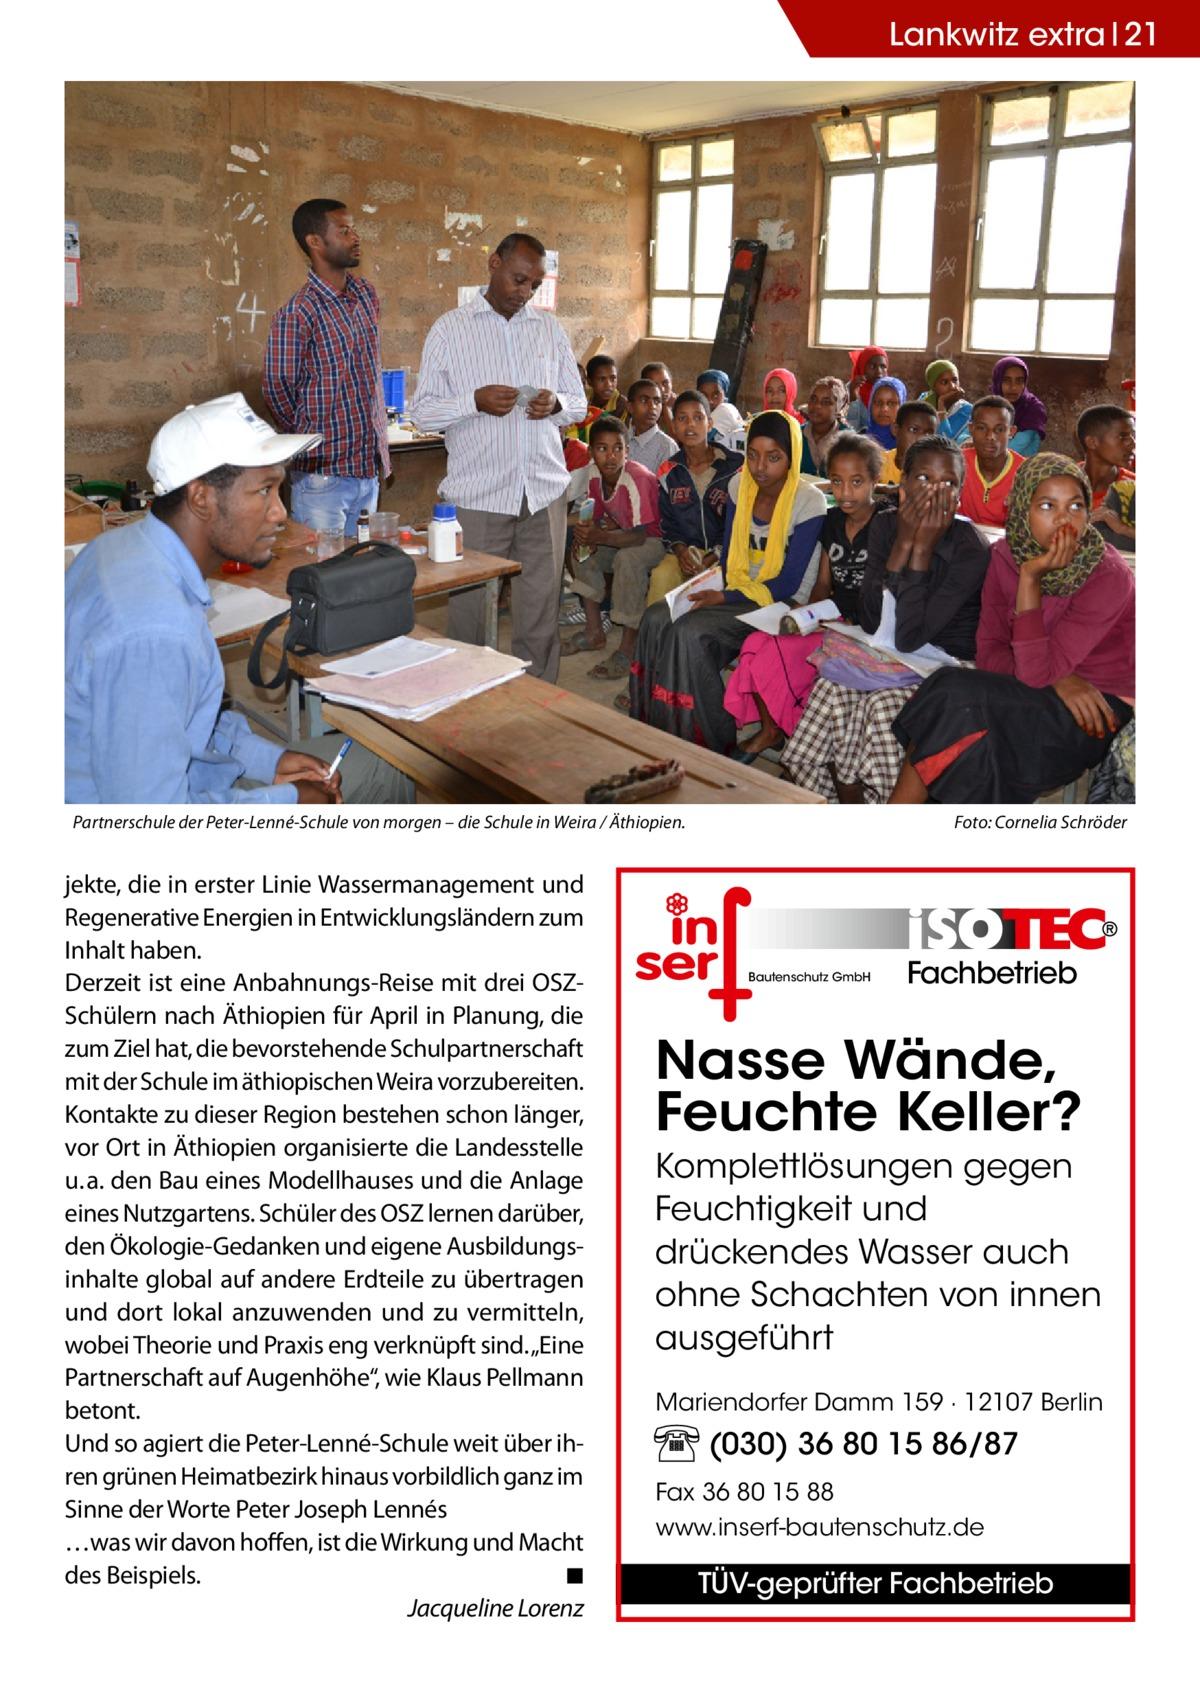 """Lankwitz extra 21  Partnerschule der Peter-Lenné-Schule von morgen – die Schule in Weira / Äthiopien.�  jekte, die in erster Linie Wassermanagement und Regenerative Energien in Entwicklungsländern zum Inhalt haben. Derzeit ist eine Anbahnungs-Reise mit drei OSZSchülern nach Äthiopien für April in Planung, die zum Ziel hat, die bevorstehende Schulpartnerschaft mit der Schule im äthiopischen Weira vorzubereiten. Kontakte zu dieser Region bestehen schon länger, vor Ort in Äthiopien organisierte die Landesstelle u.a. den Bau eines Modellhauses und die Anlage eines Nutzgartens. Schüler des OSZ lernen darüber, den Ökologie-Gedanken und eigene Ausbildungsinhalte global auf andere Erdteile zu übertragen und dort lokal anzuwenden und zu vermitteln, wobei Theorie und Praxis eng verknüpft sind. """"Eine Partnerschaft auf Augenhöhe"""", wie Klaus Pellmann betont. Und so agiert die Peter-Lenné-Schule weit über ihren grünen Heimatbezirk hinaus vorbildlich ganz im Sinne der Worte Peter Joseph Lennés …was wir davon hoffen, ist die Wirkung und Macht des Beispiels.� ◾ � Jacqueline Lorenz  Foto: Cornelia Schröder  Bautenschutz GmbH  Fachbetrieb  Nasse Wände, Feuchte Keller? Komplettlösungen gegen Feuchtigkeit und drückendes Wasser auch ohne Schachten von innen ausgeführt Mariendorfer Damm 159 · 12107 Berlin  (030) 36 80 15 86/87 Fax 36 80 15 88 www.inserf-bautenschutz.de  TÜV-geprüfter Fachbetrieb"""